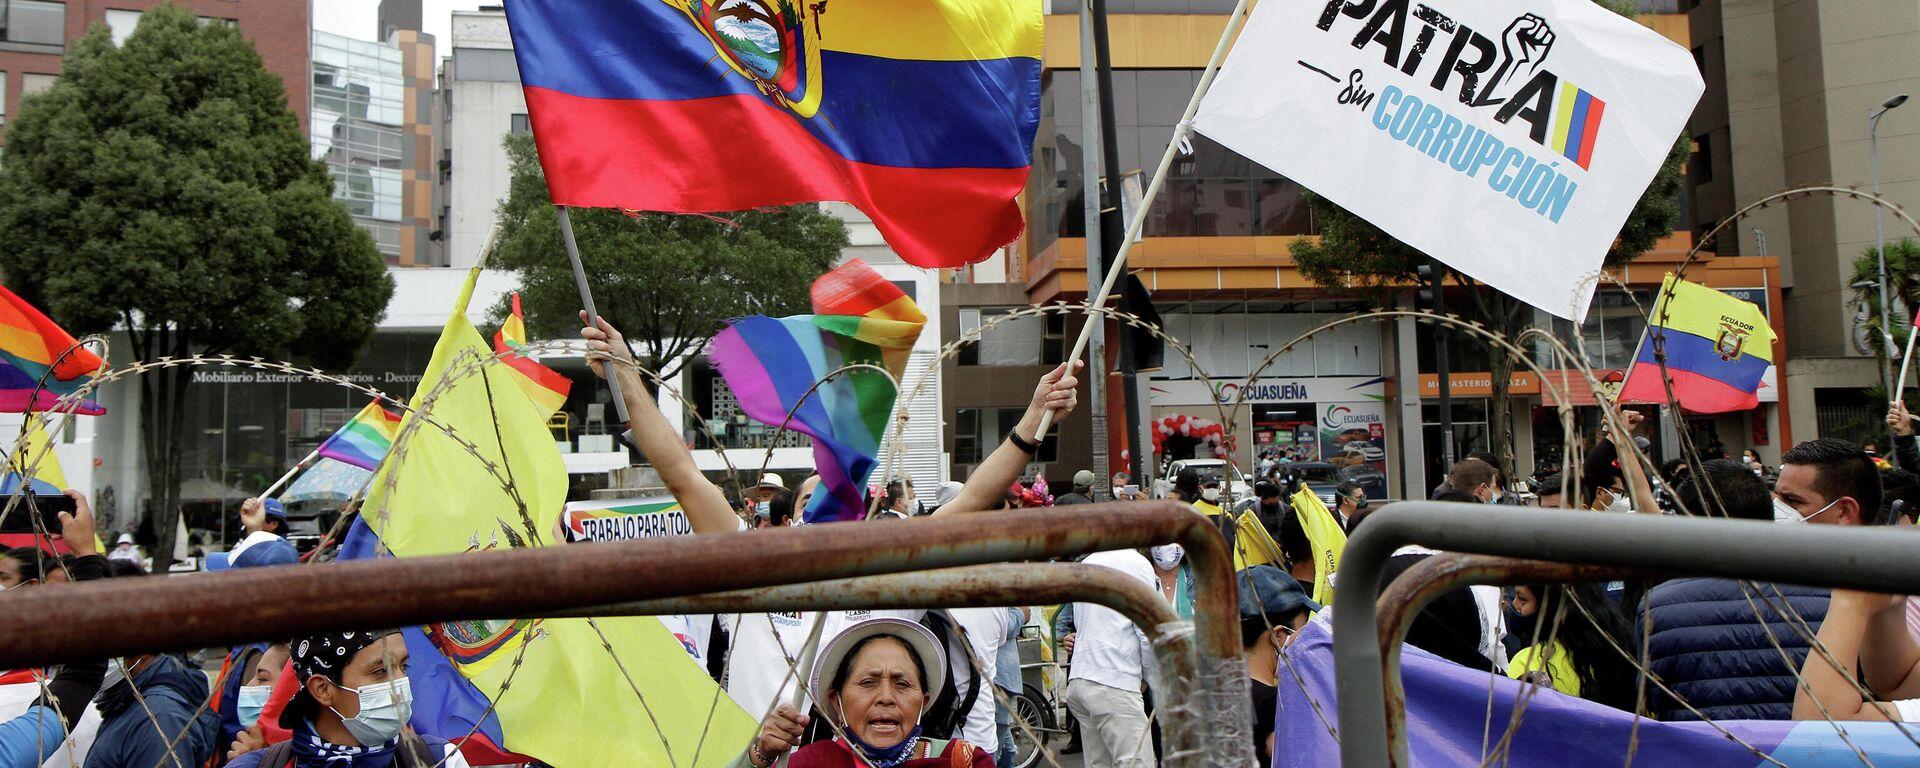 Seguidores de Perez y Lasso frente al Consejo Nacional Electoral del Ecuador - Sputnik Mundo, 1920, 15.02.2021